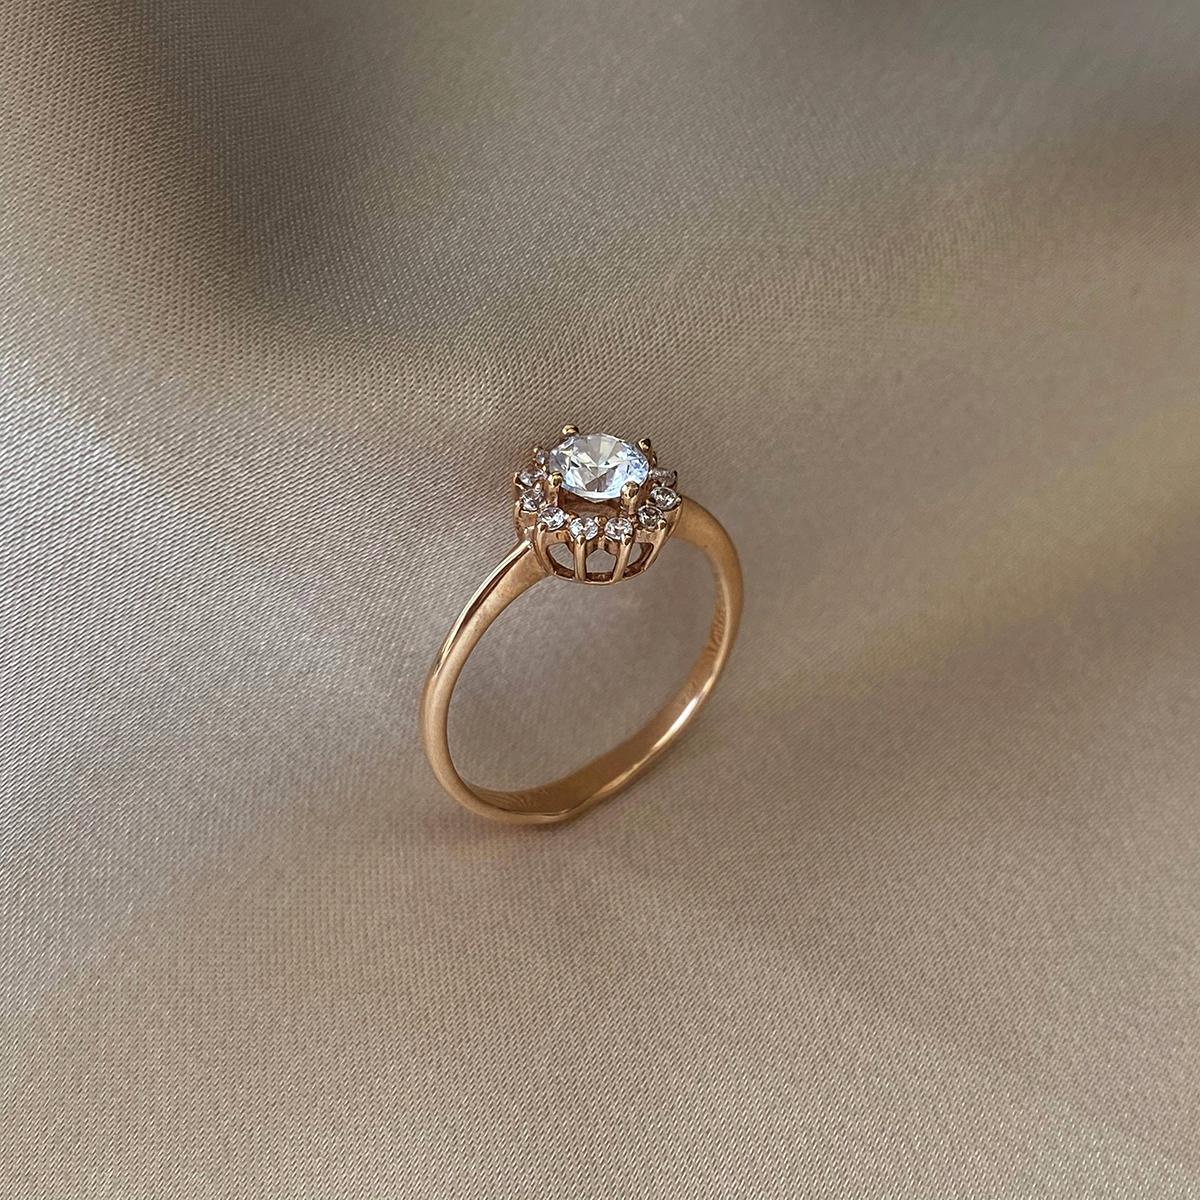 Кольцо из красного золота с фианитами 000103744 000103744 16.5 размера от Zlato - 5